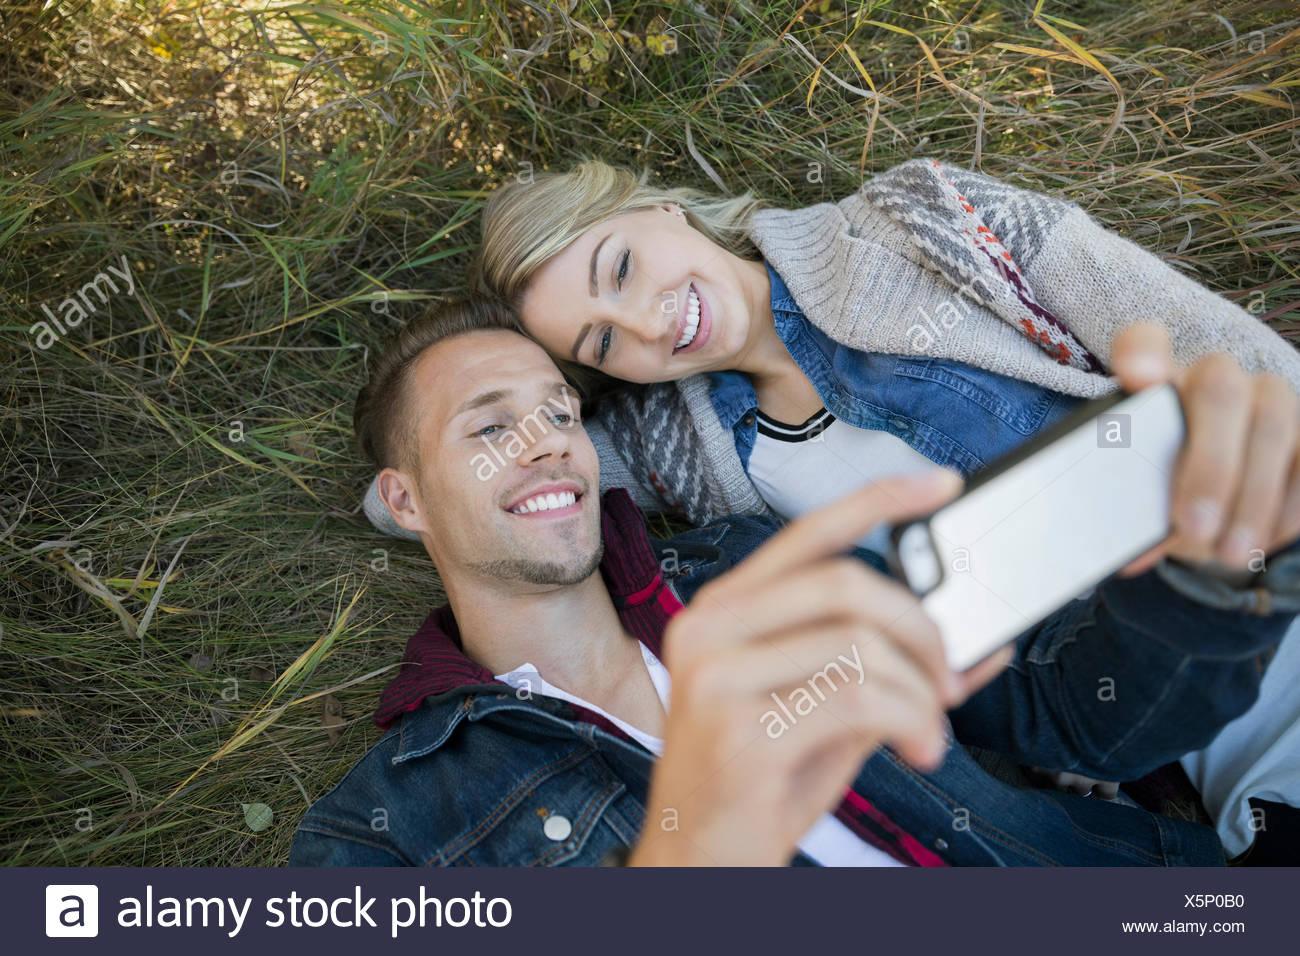 Par sentar en la hierba tomando selfie Imagen De Stock